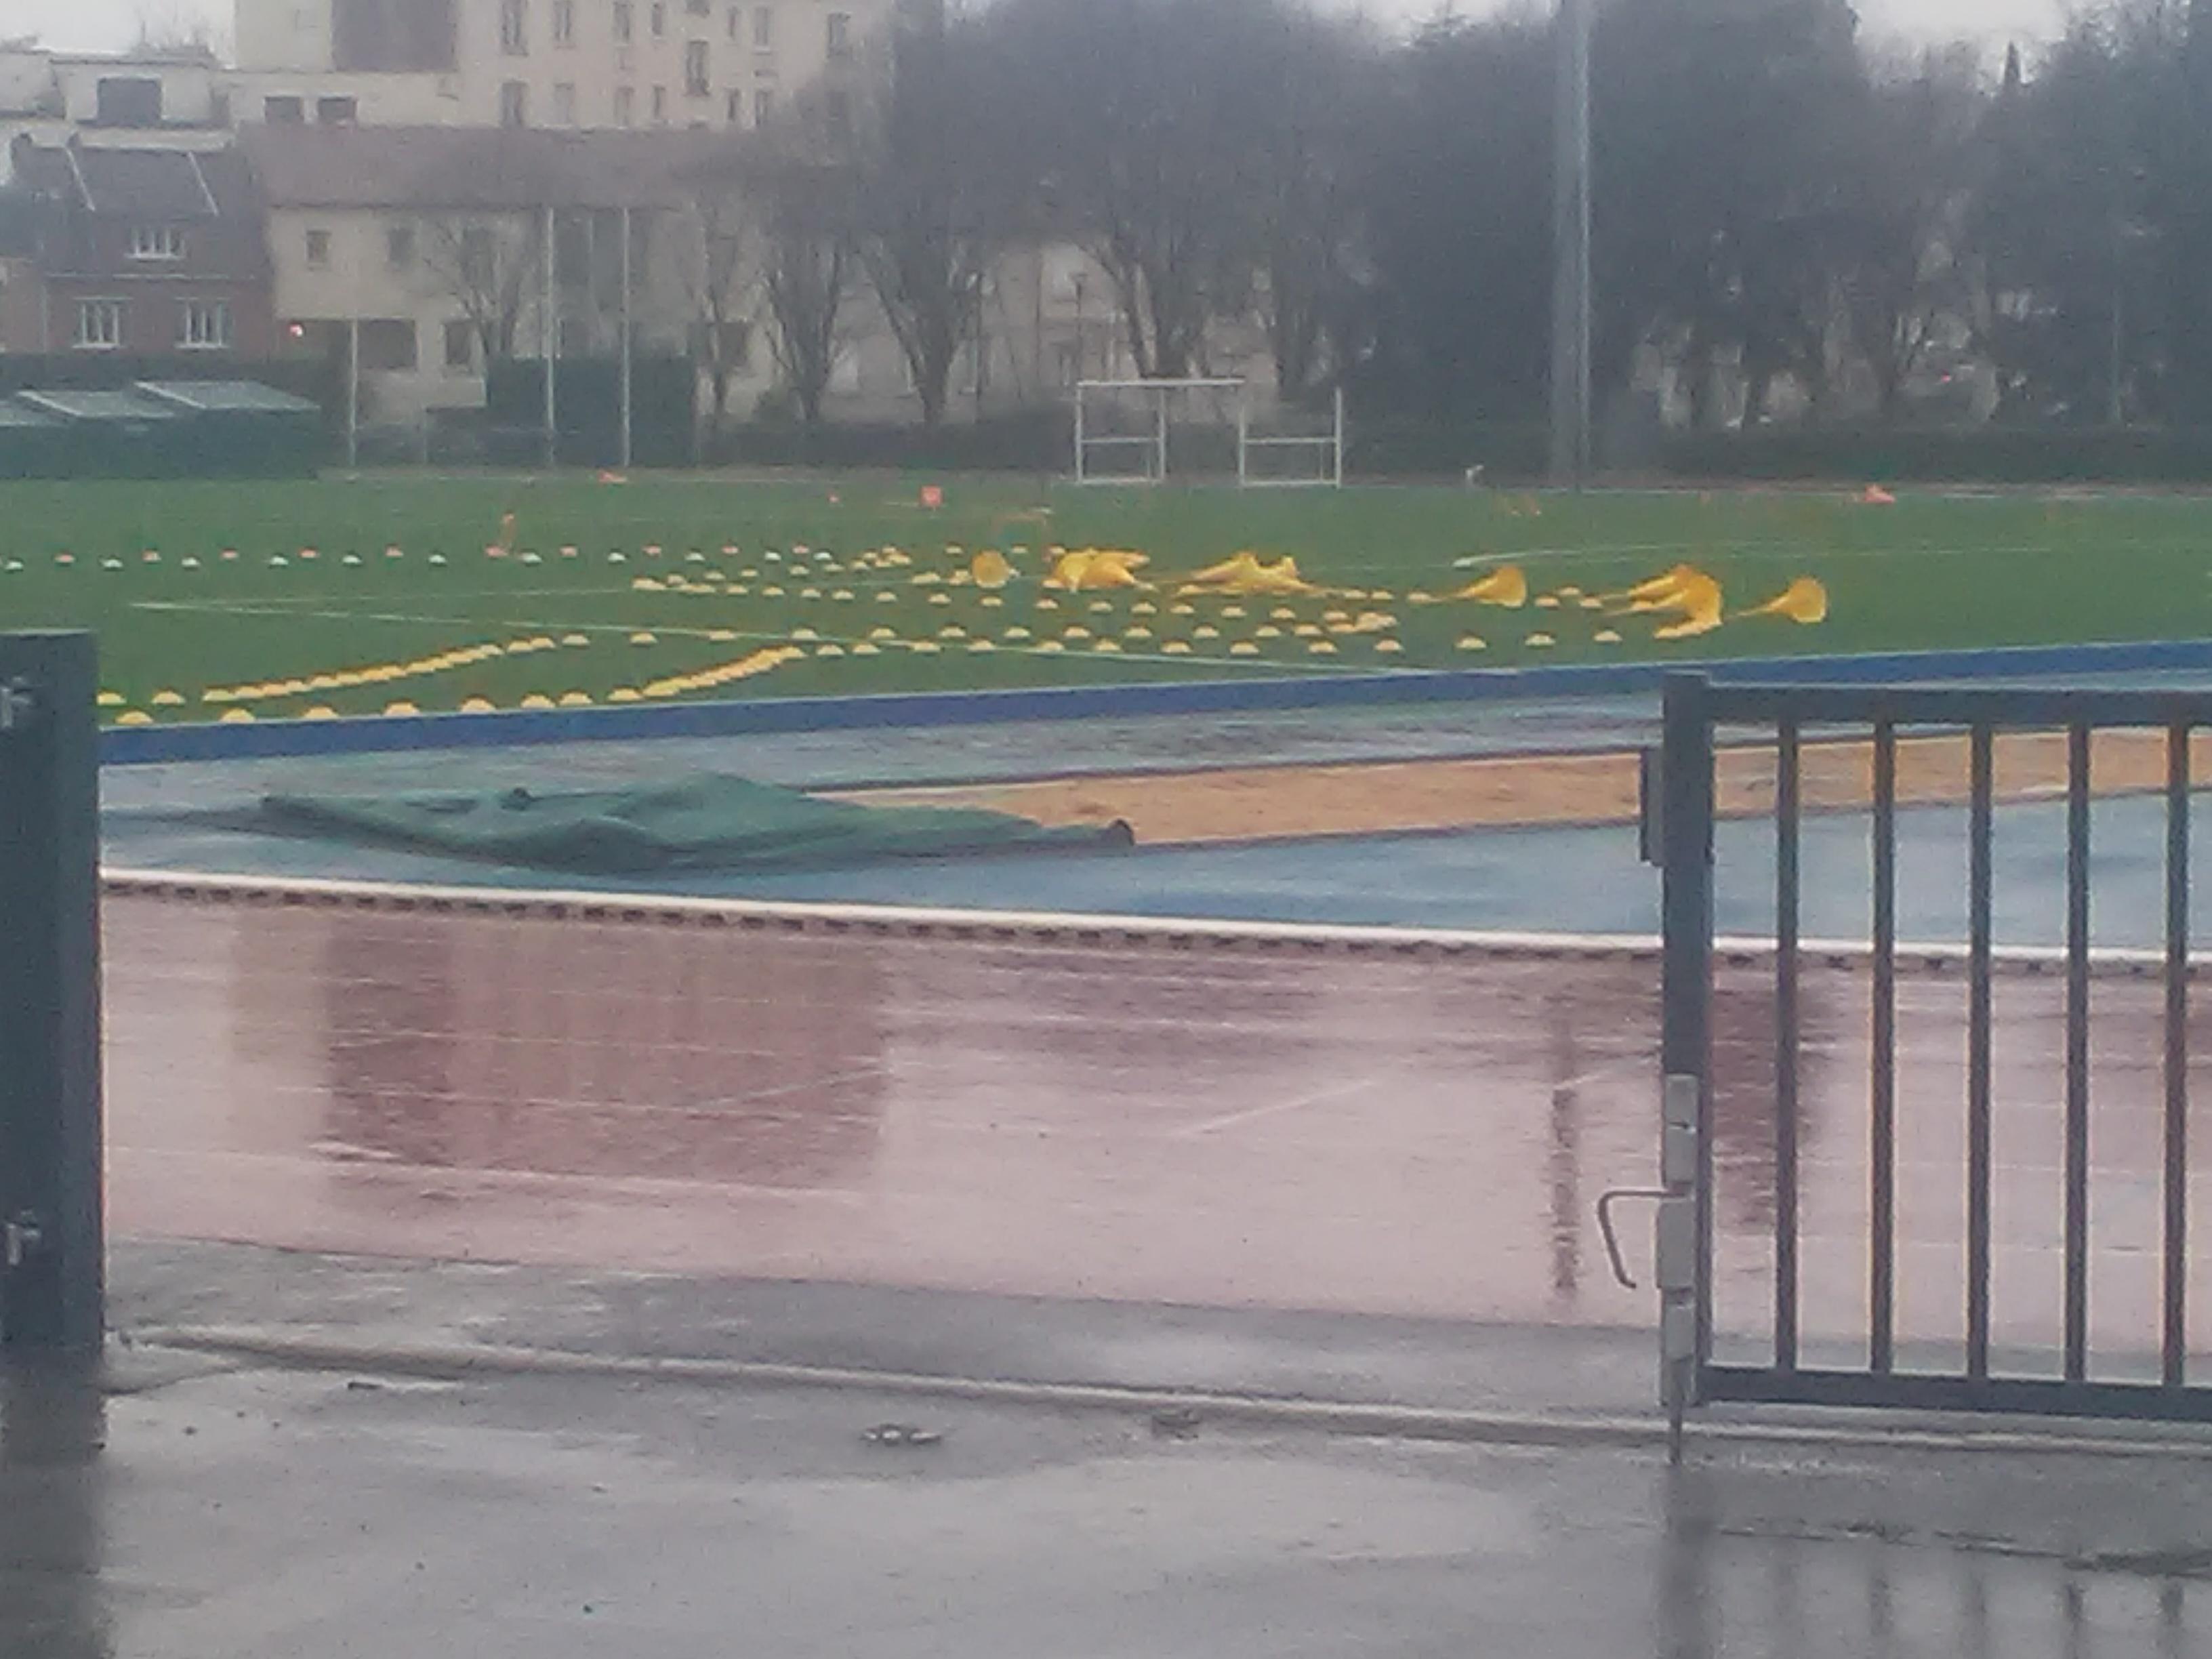 Le stade déserté sous les trombes d'eau